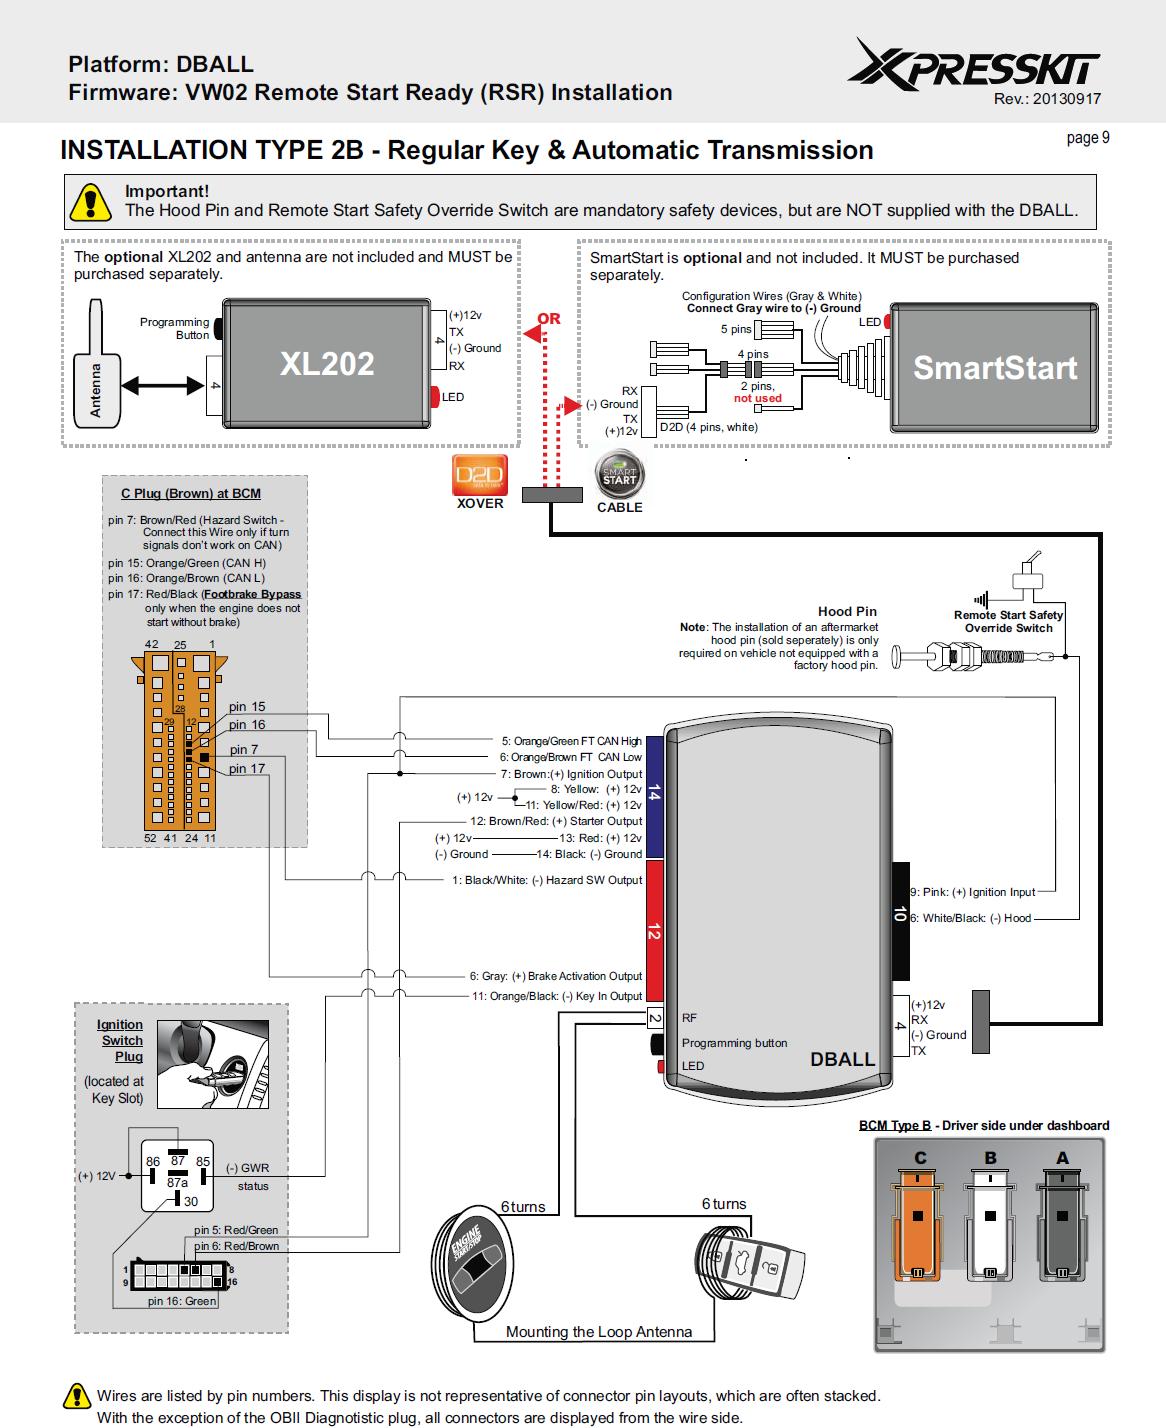 [ZSVE_7041]  AS_8589] Viper Smart Start Wiring Diagram Free Diagram | Viper 5101 Wiring Diagram |  | Stap Mimig Aeocy Vesi Odga Gray Ophag Numap Mohammedshrine Librar Wiring 101